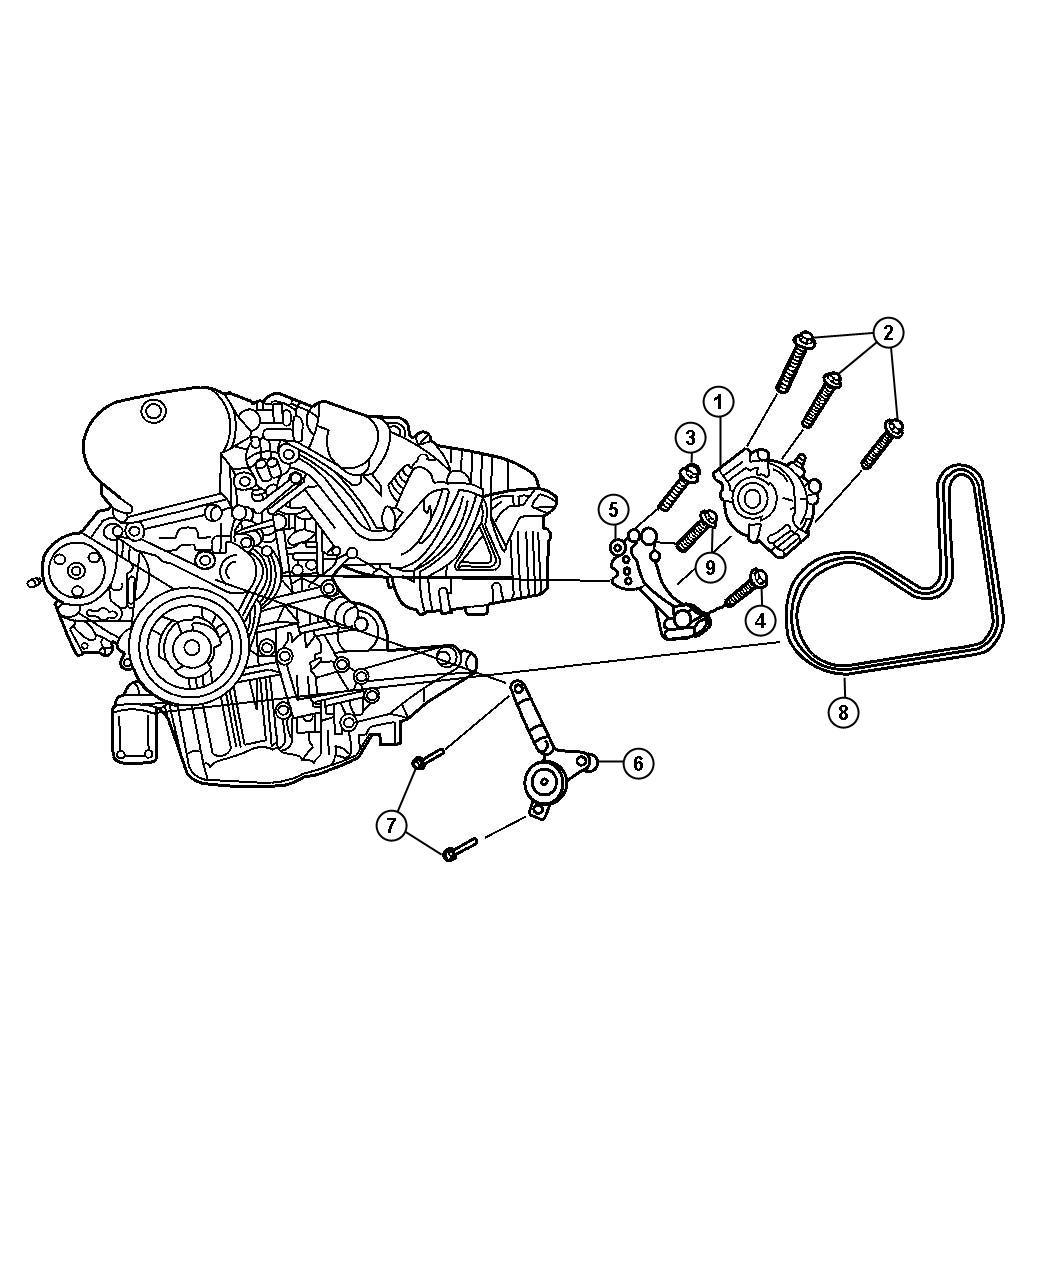 Chrysler Sebring Belt Alternator Drive Used For